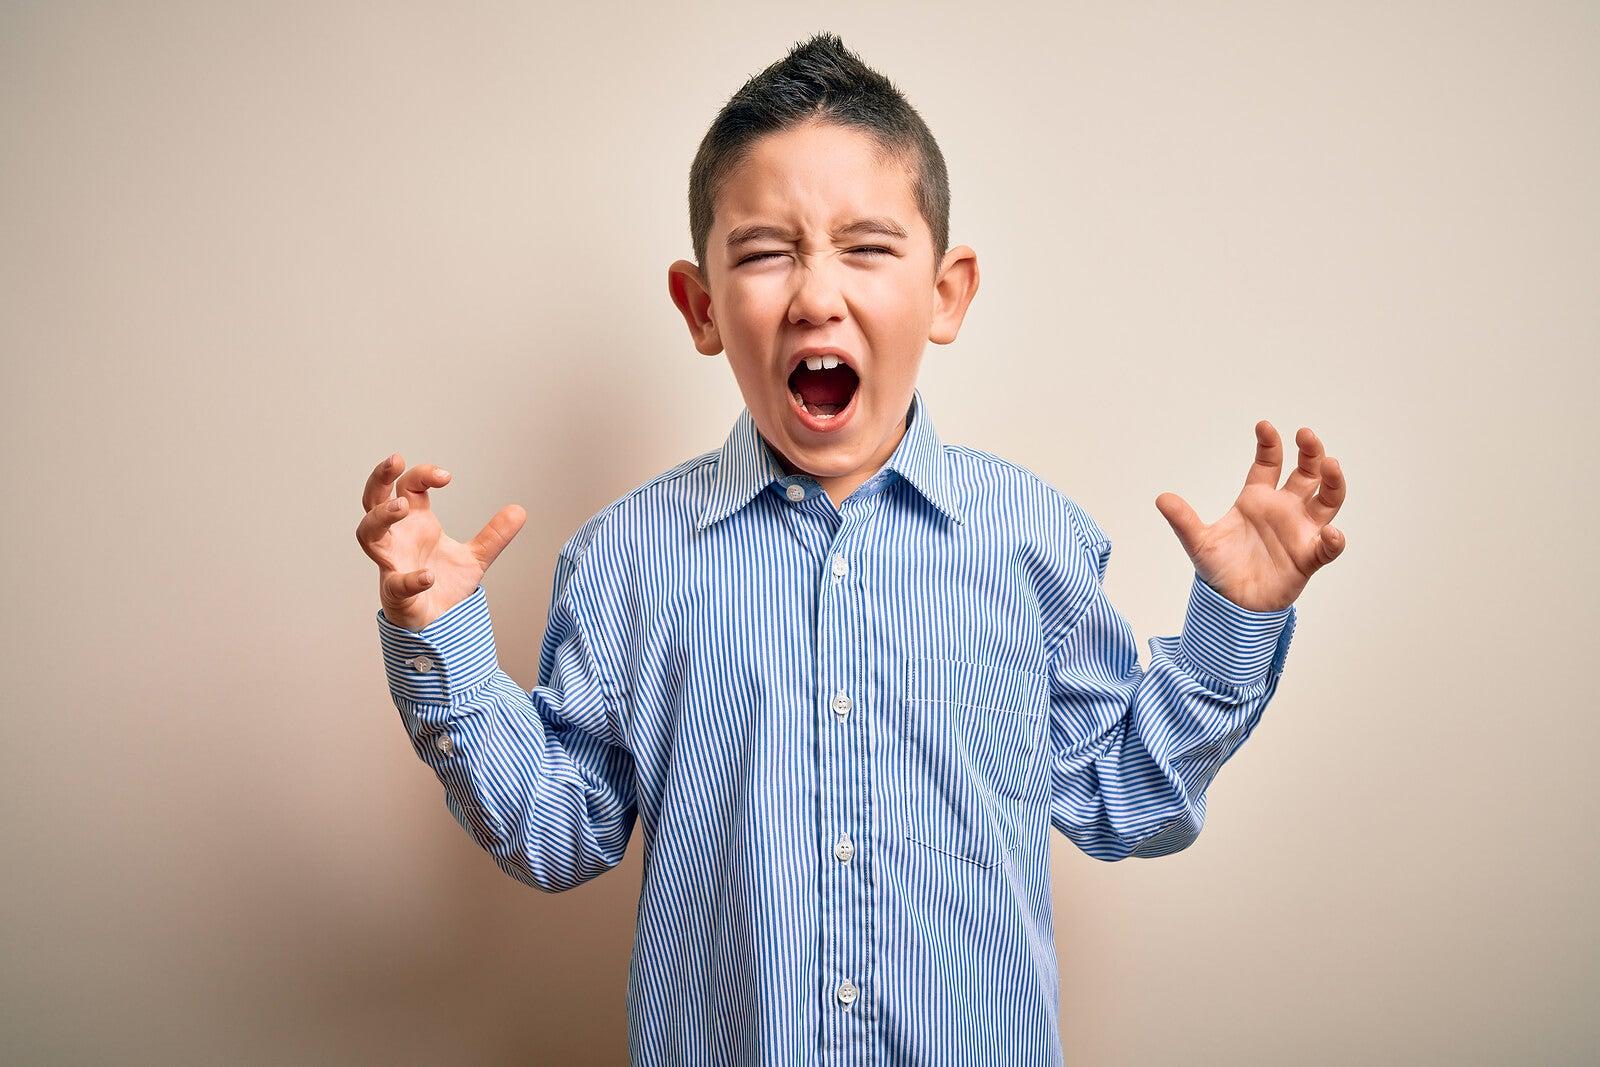 Niño gritando de ira porque no sabe cómo controlar su enfado.